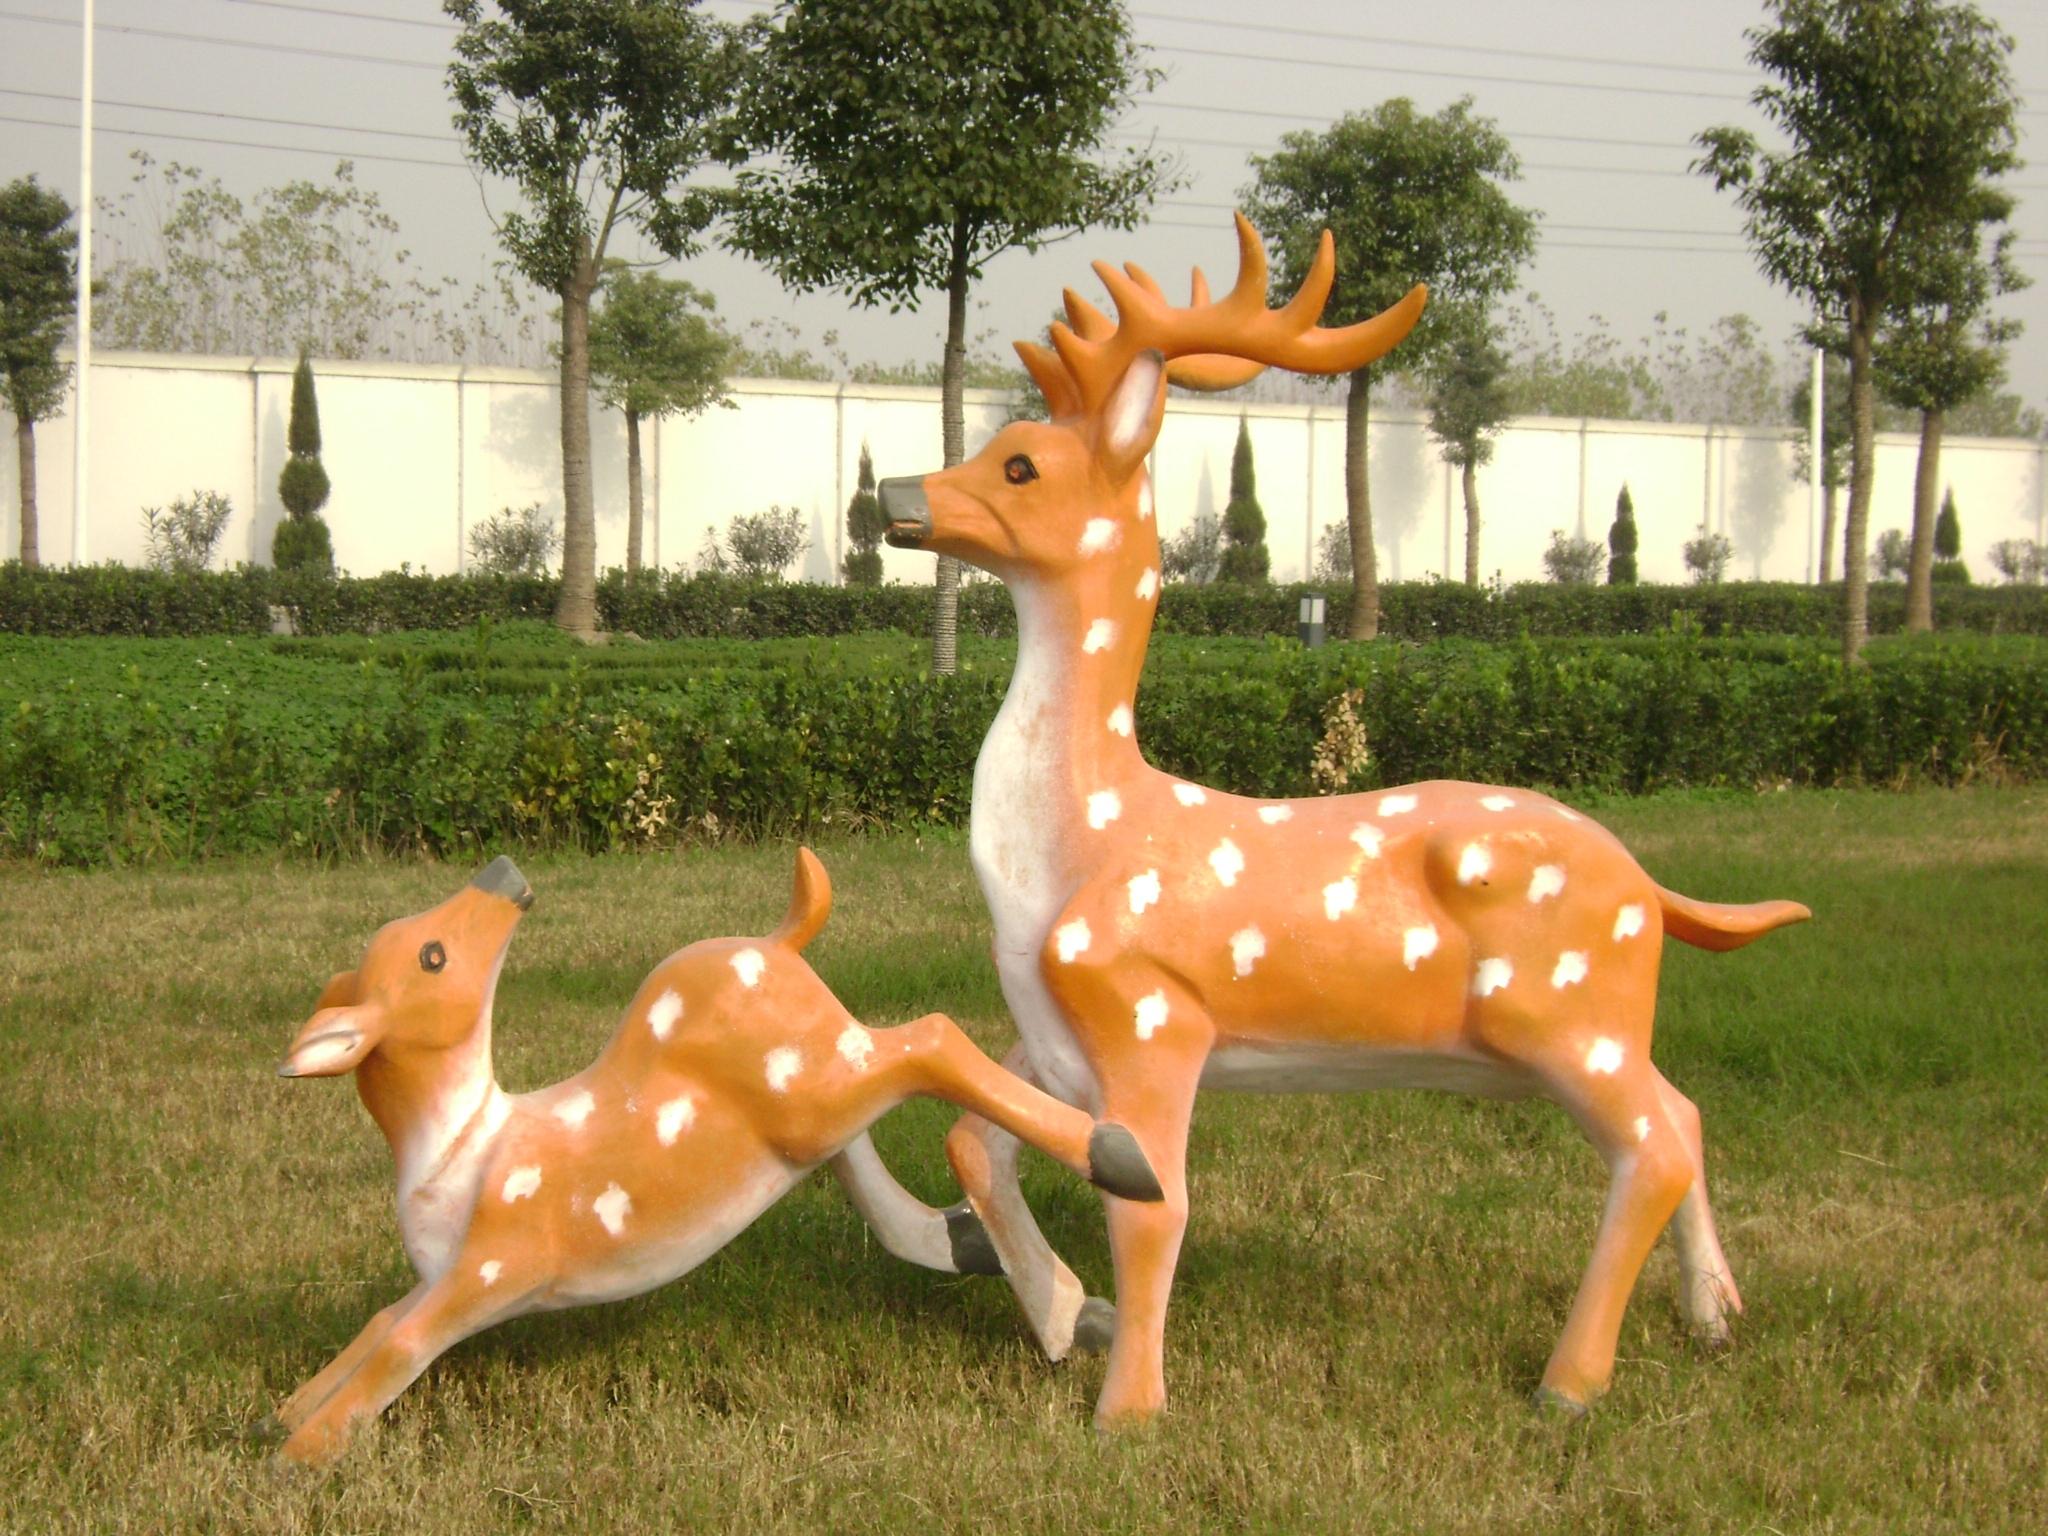 不锈钢雕塑鹿雕塑公园雕塑摆件